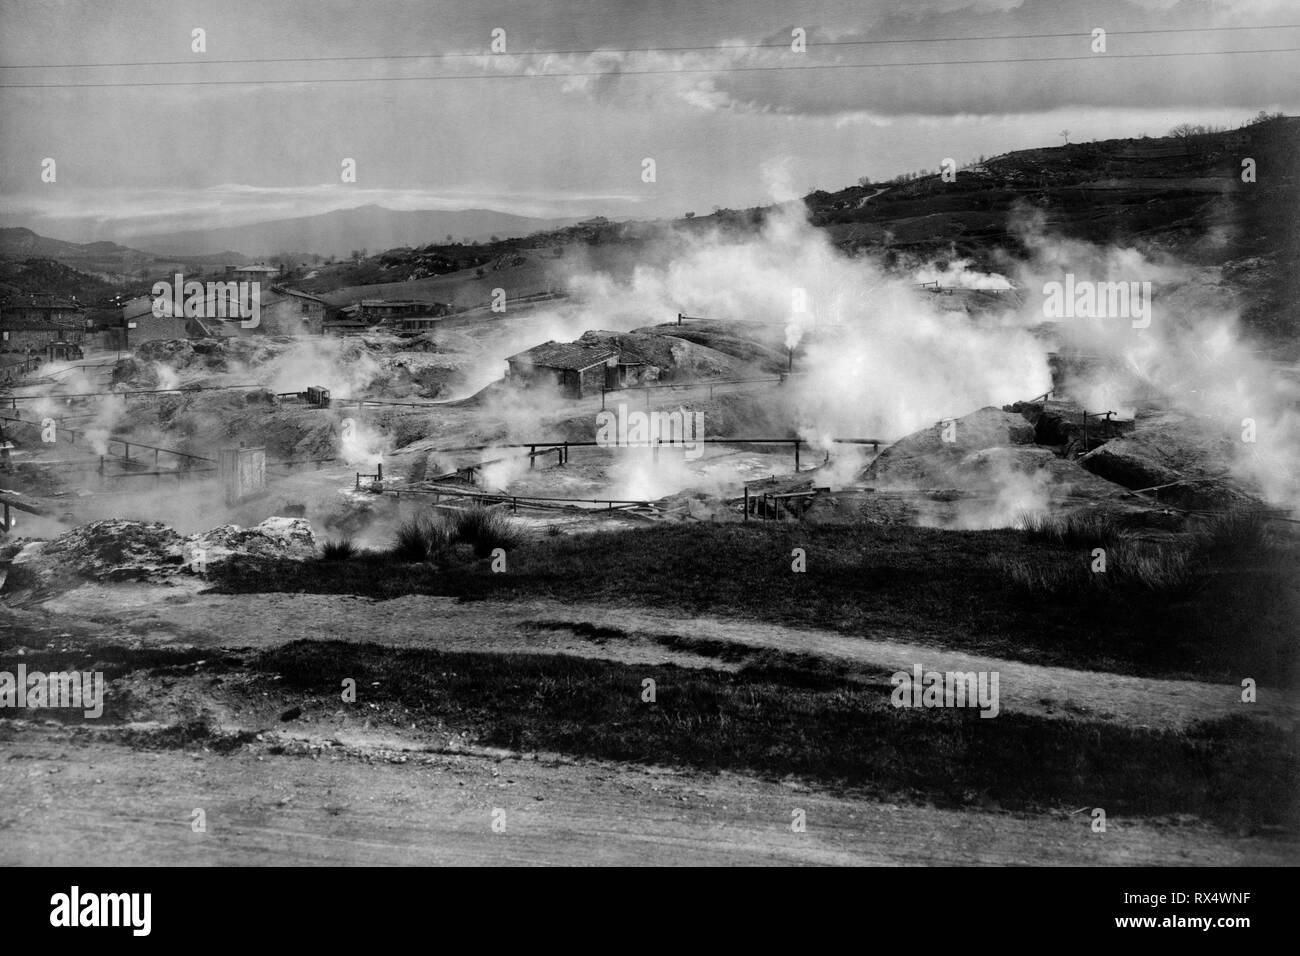 italy, tuscany, fumaroles of boric acid at pomarance, 1910-20 - Stock Image